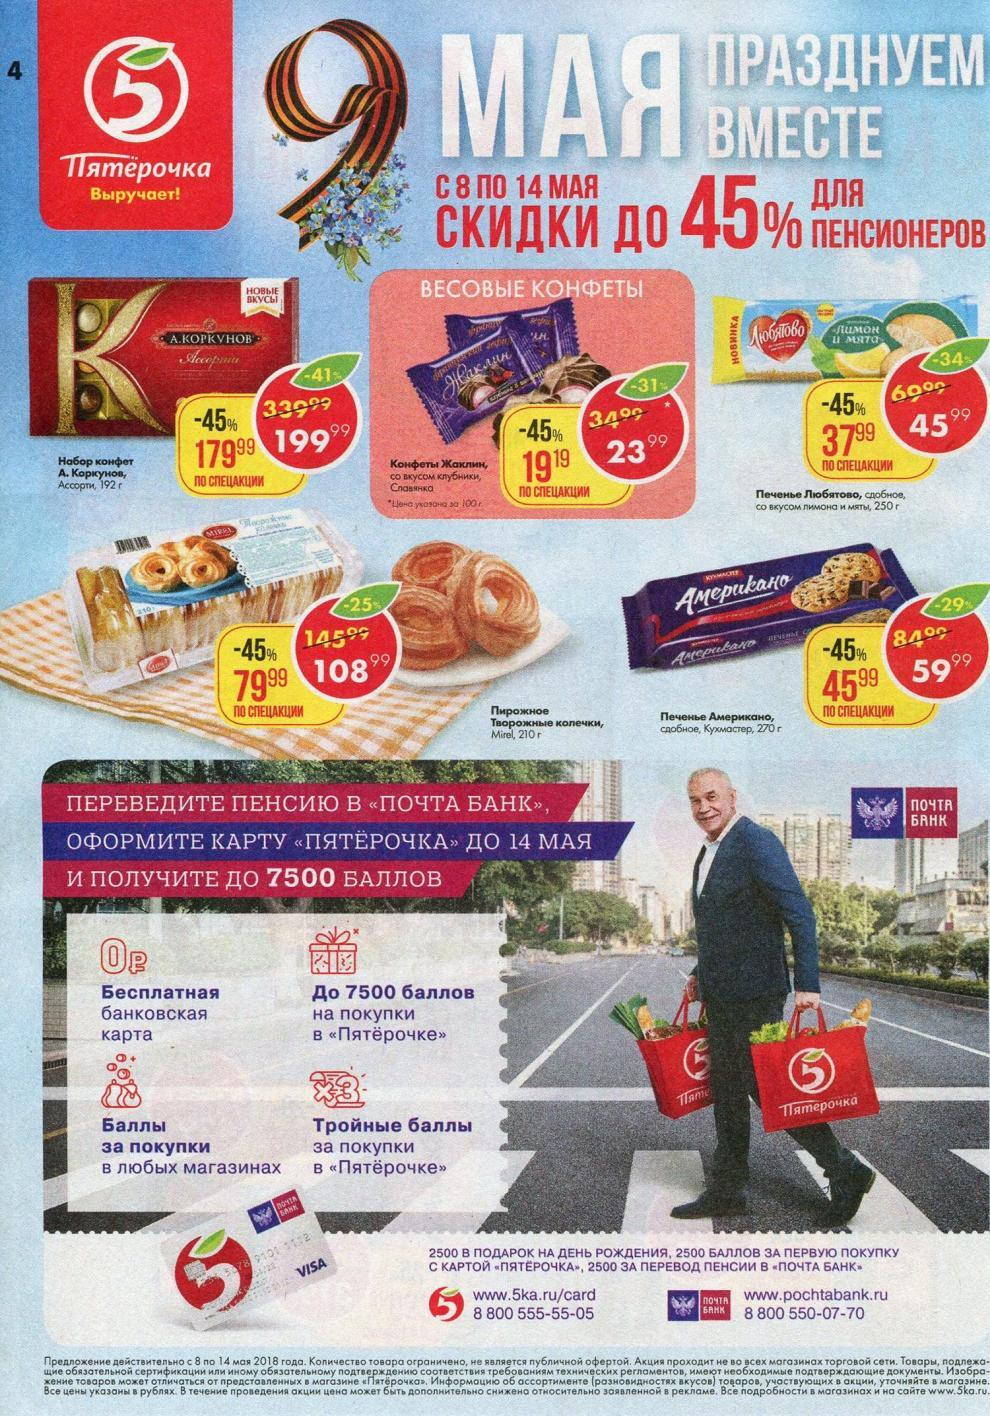 Акции в Пятёрочке с 8 по 14 мая 2018 года